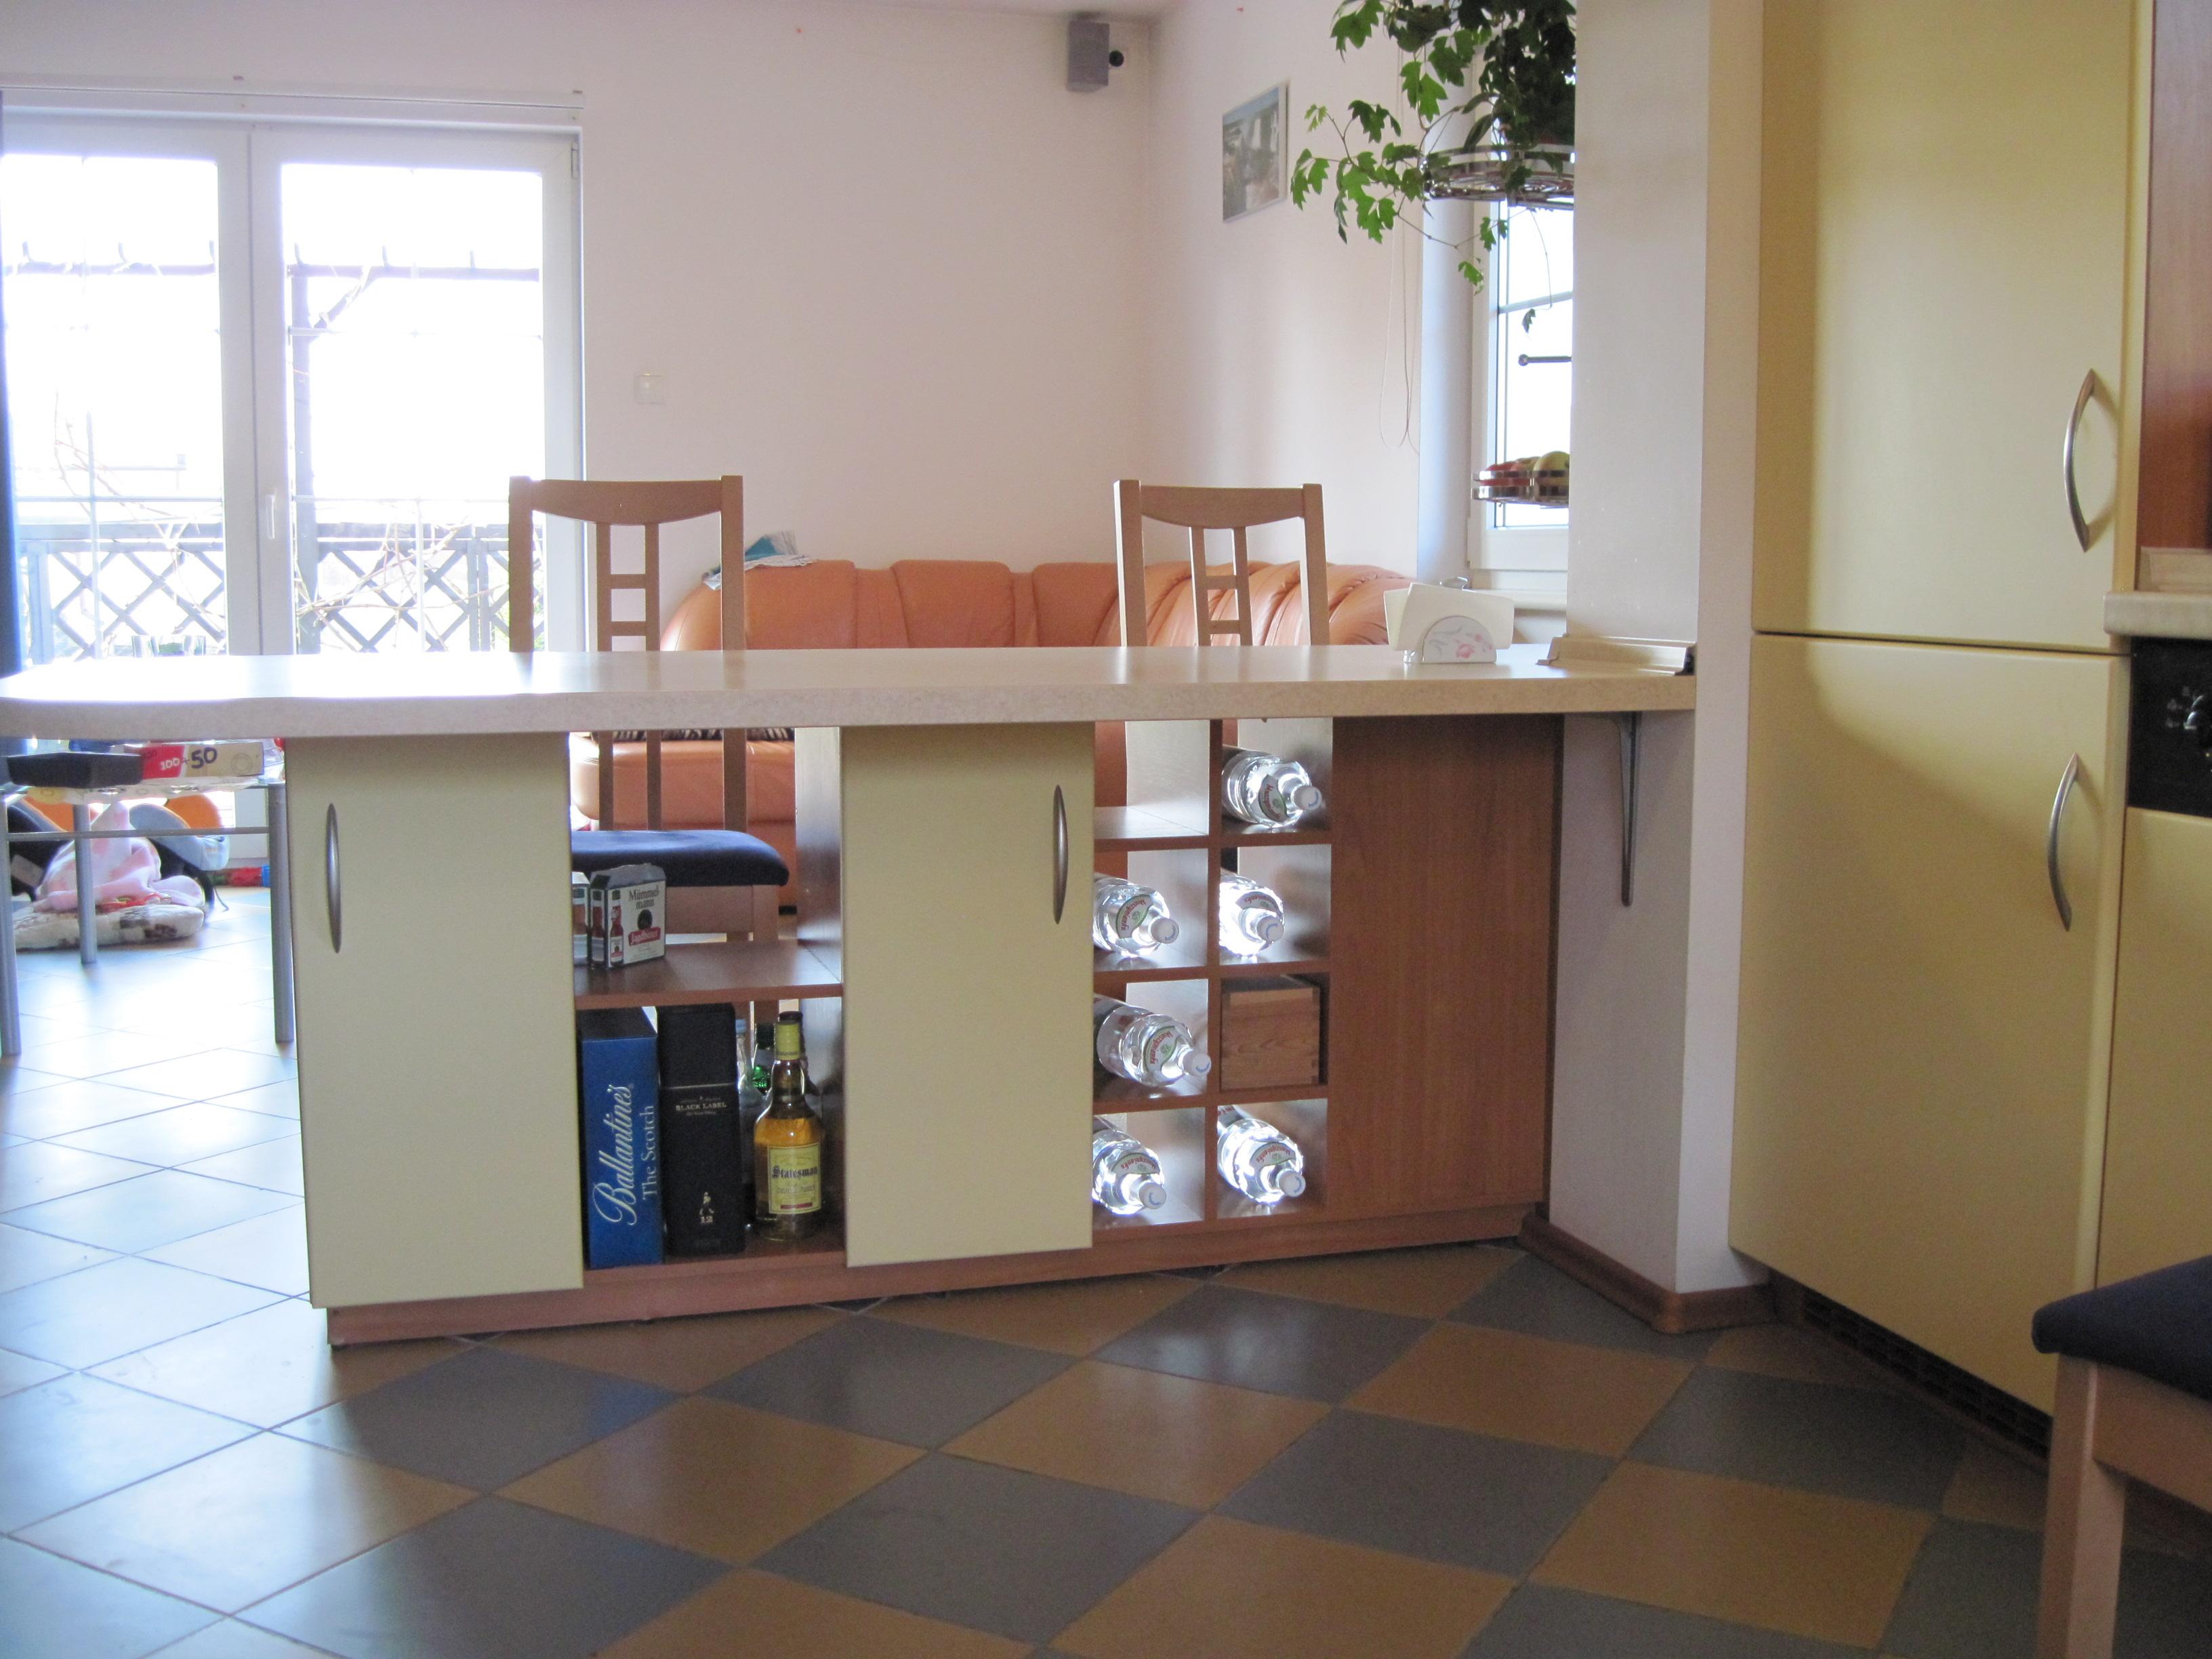 kuchnia otwarta na salon, kuchnie nowoczesne skierniewice, kuchnie nowoczesne